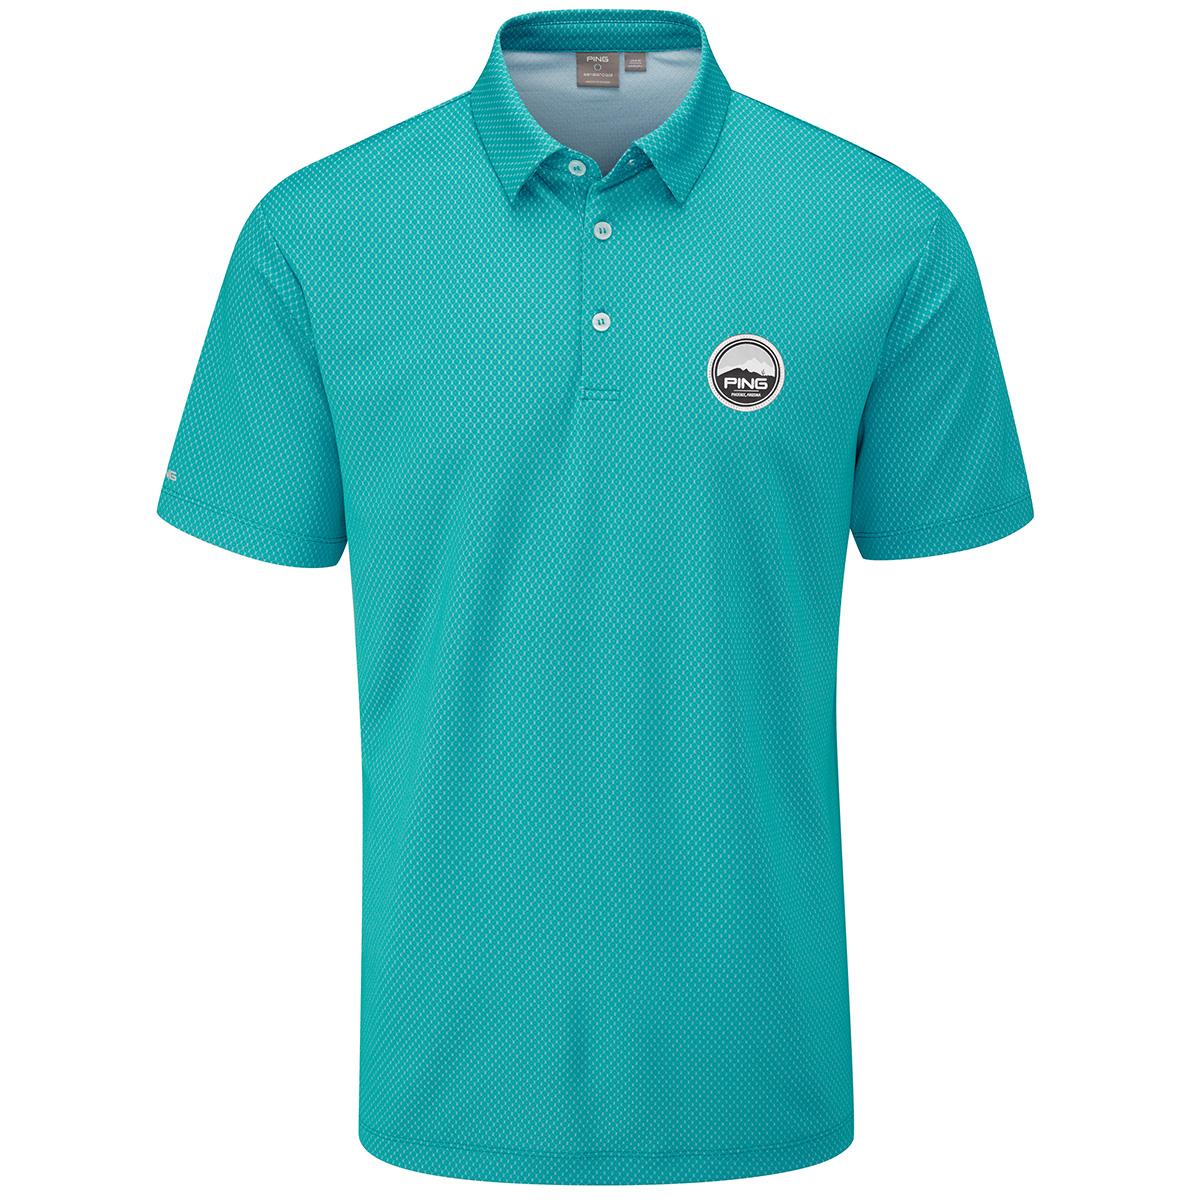 スパイク-J 半袖ポロシャツ